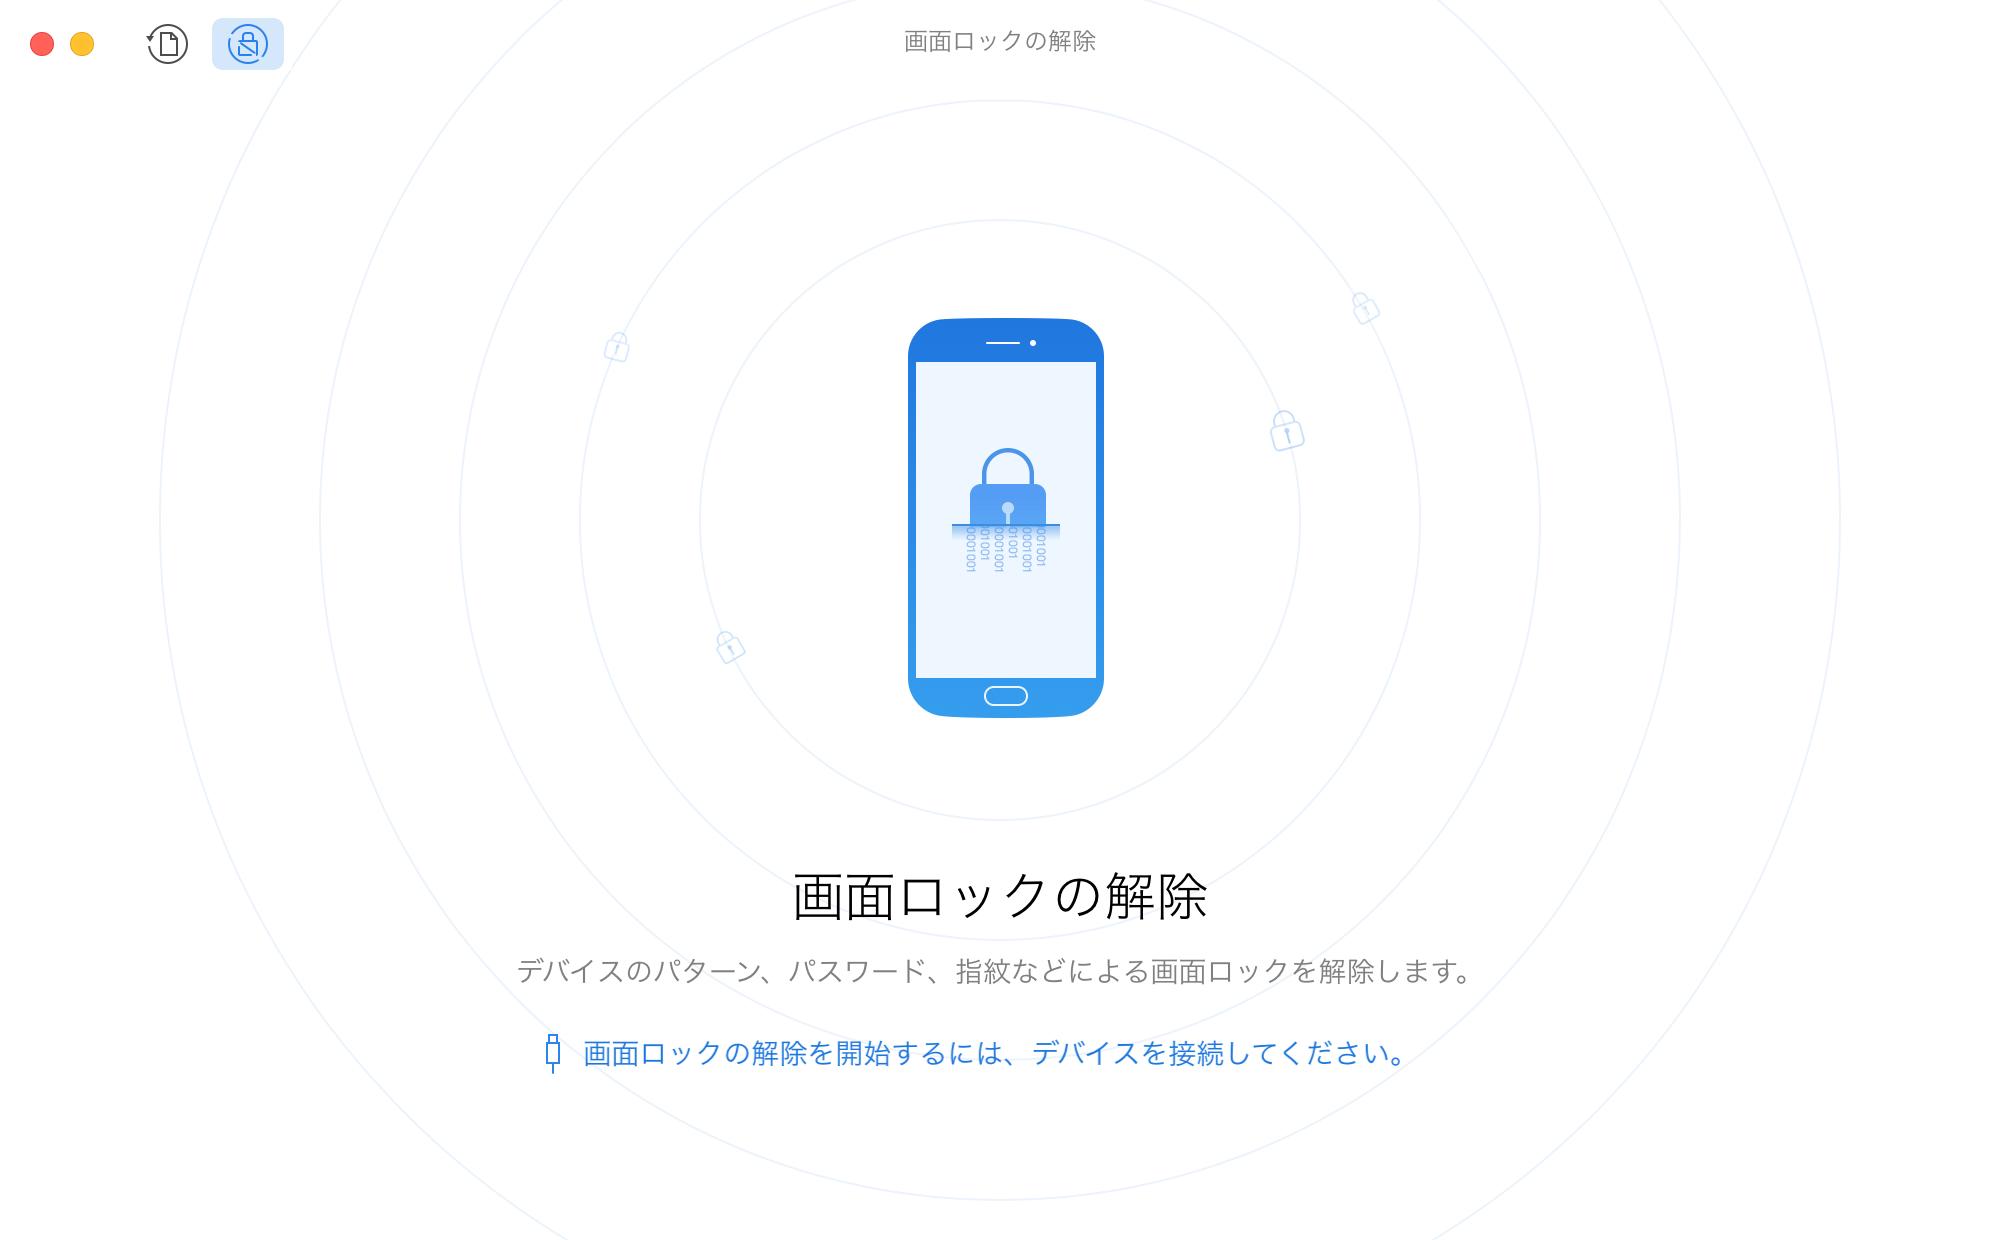 SAMSUNGデバイスを接続